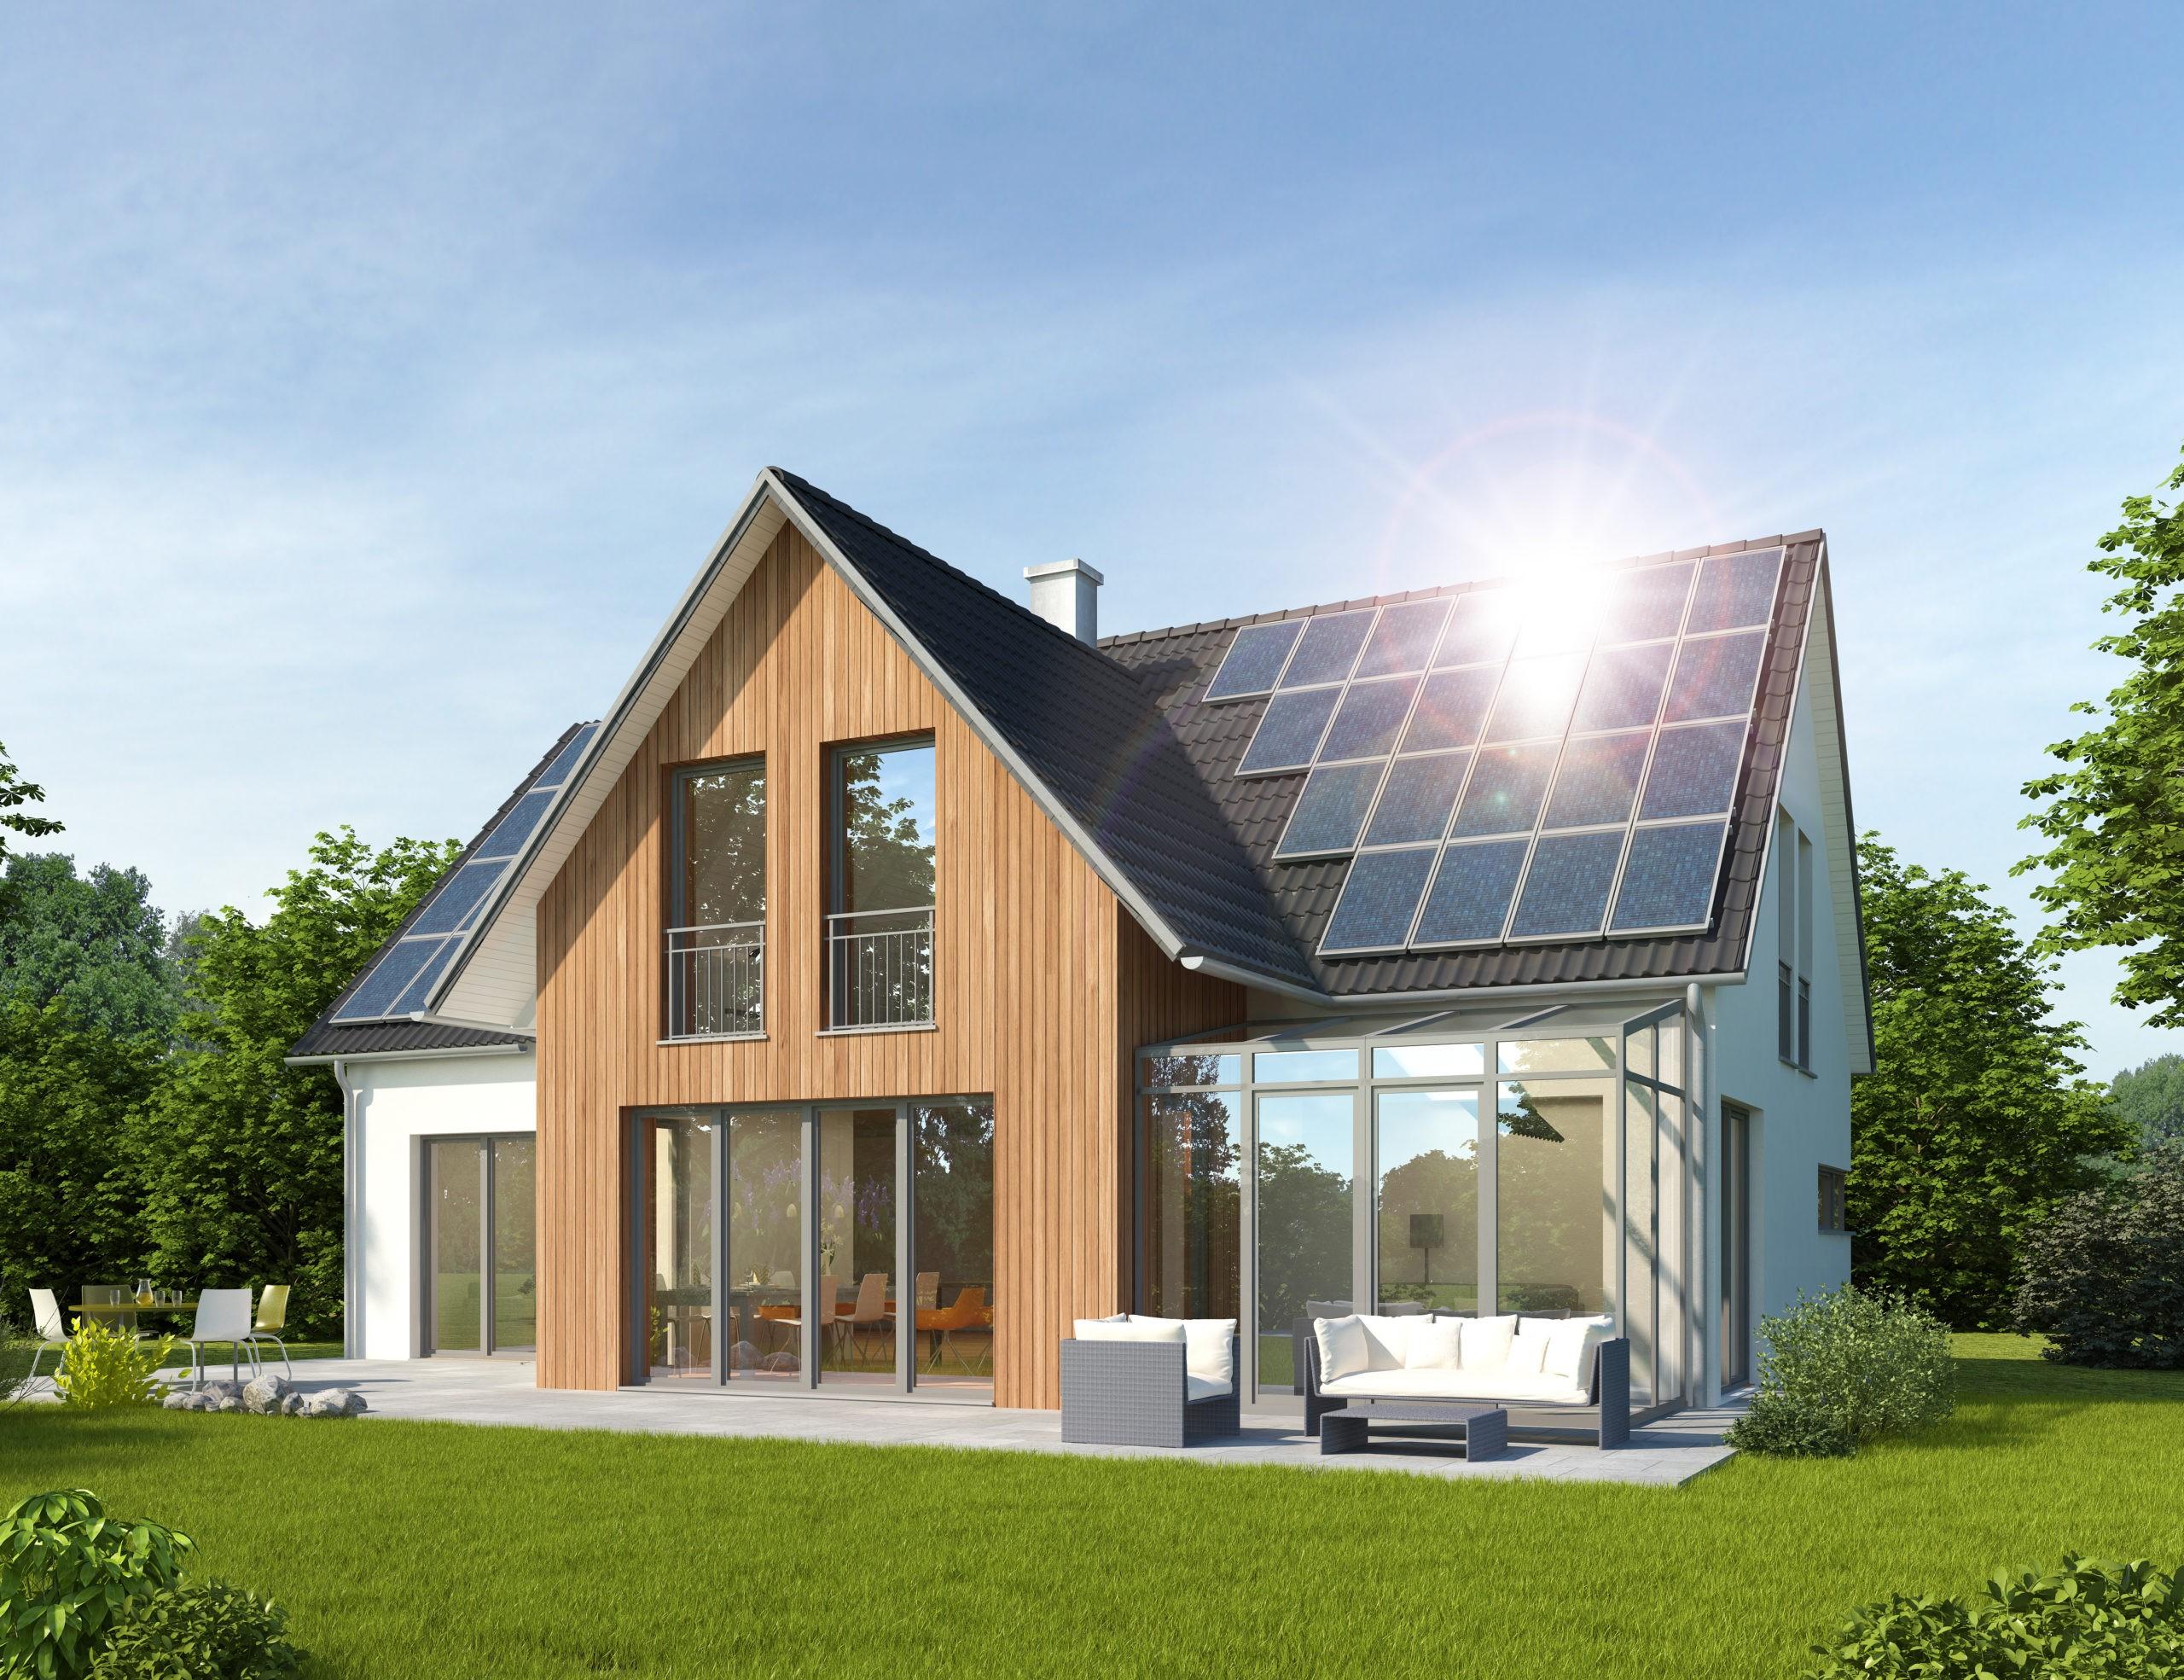 Mit der Erzeugung eigener Sonnenenergie tragen Sie zur Energiewende bei. Foto: ©KB3 - stock.adobe.com